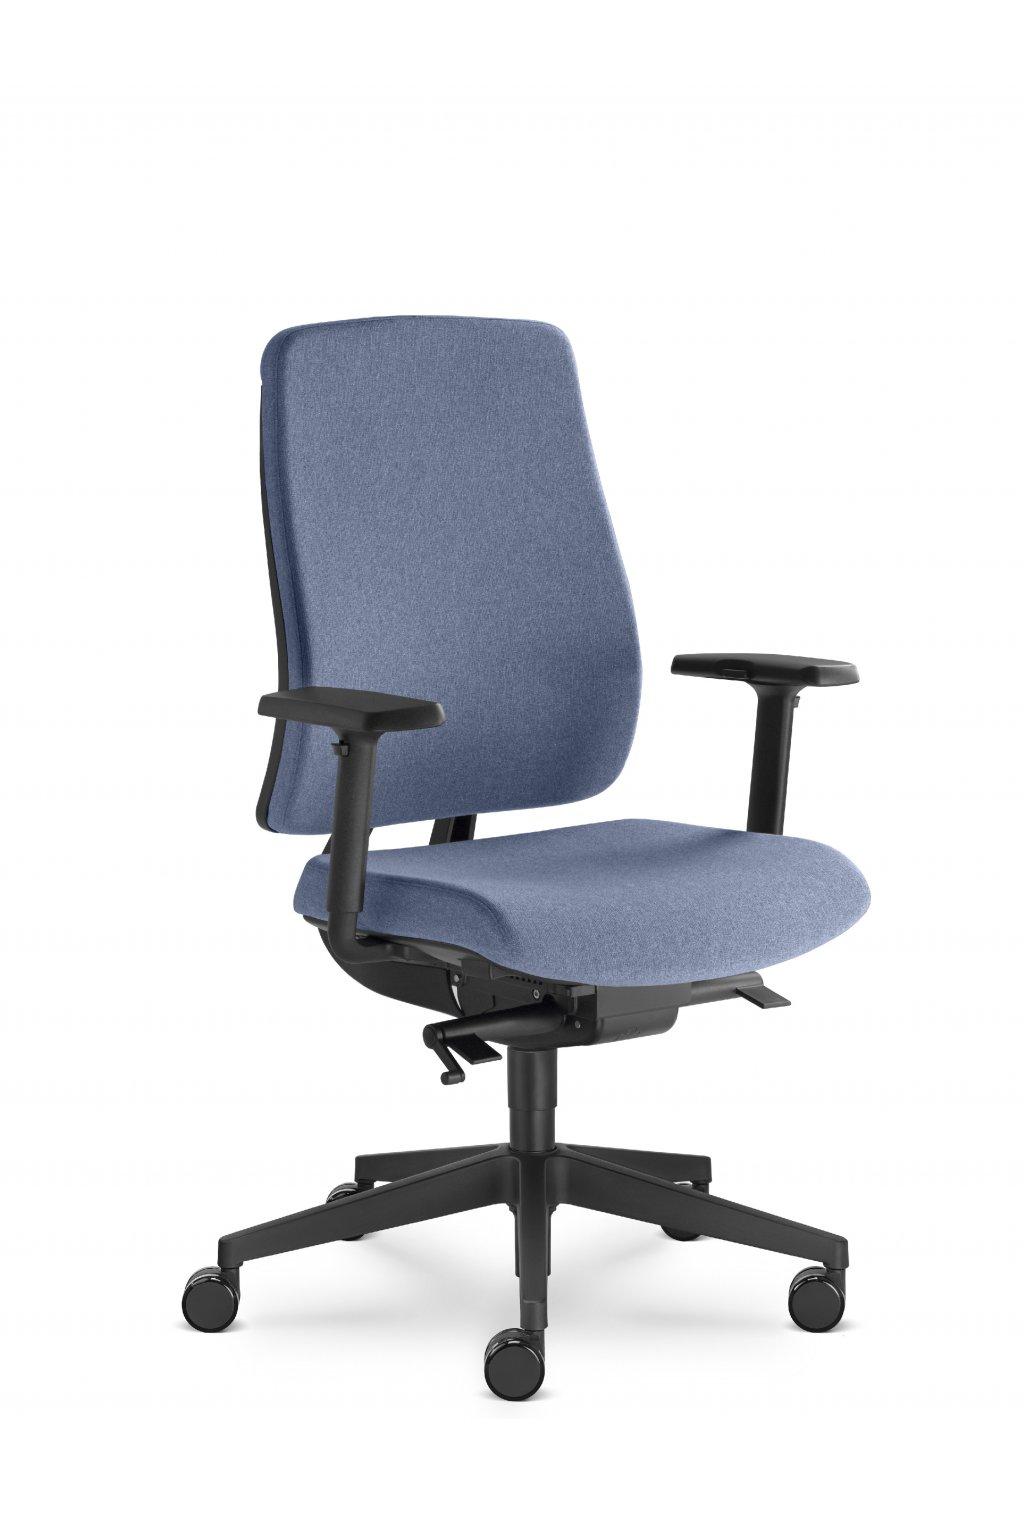 Kancelářská židle SWING 560 SYS - P - BR209